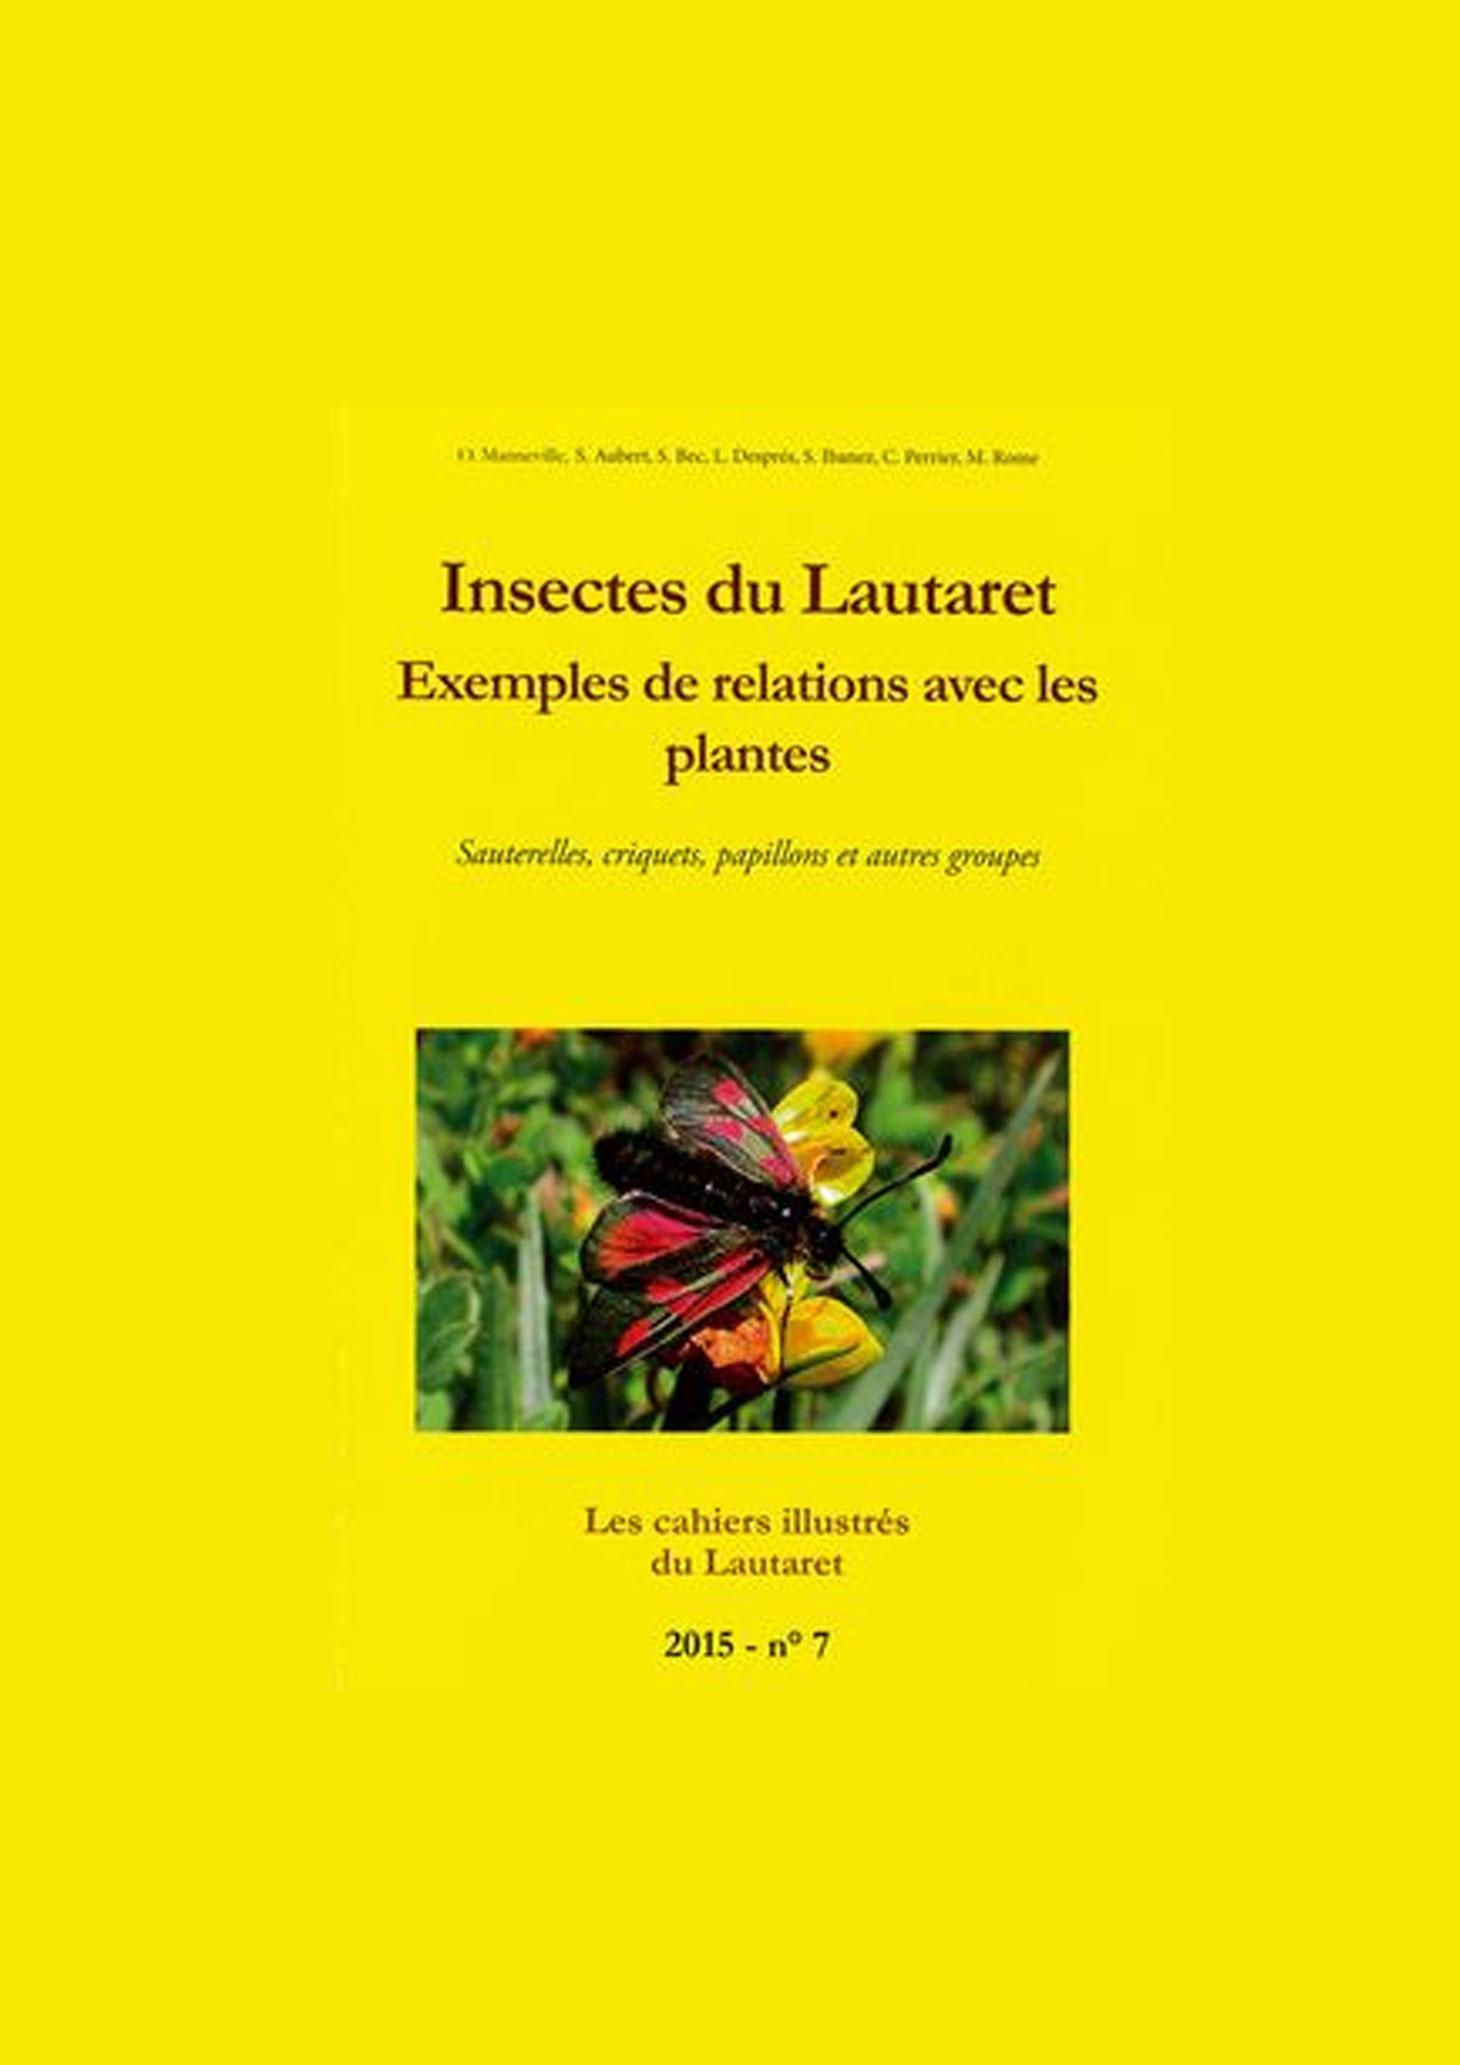 Insectes du Lautaret - Exemples de relations avec les plantes